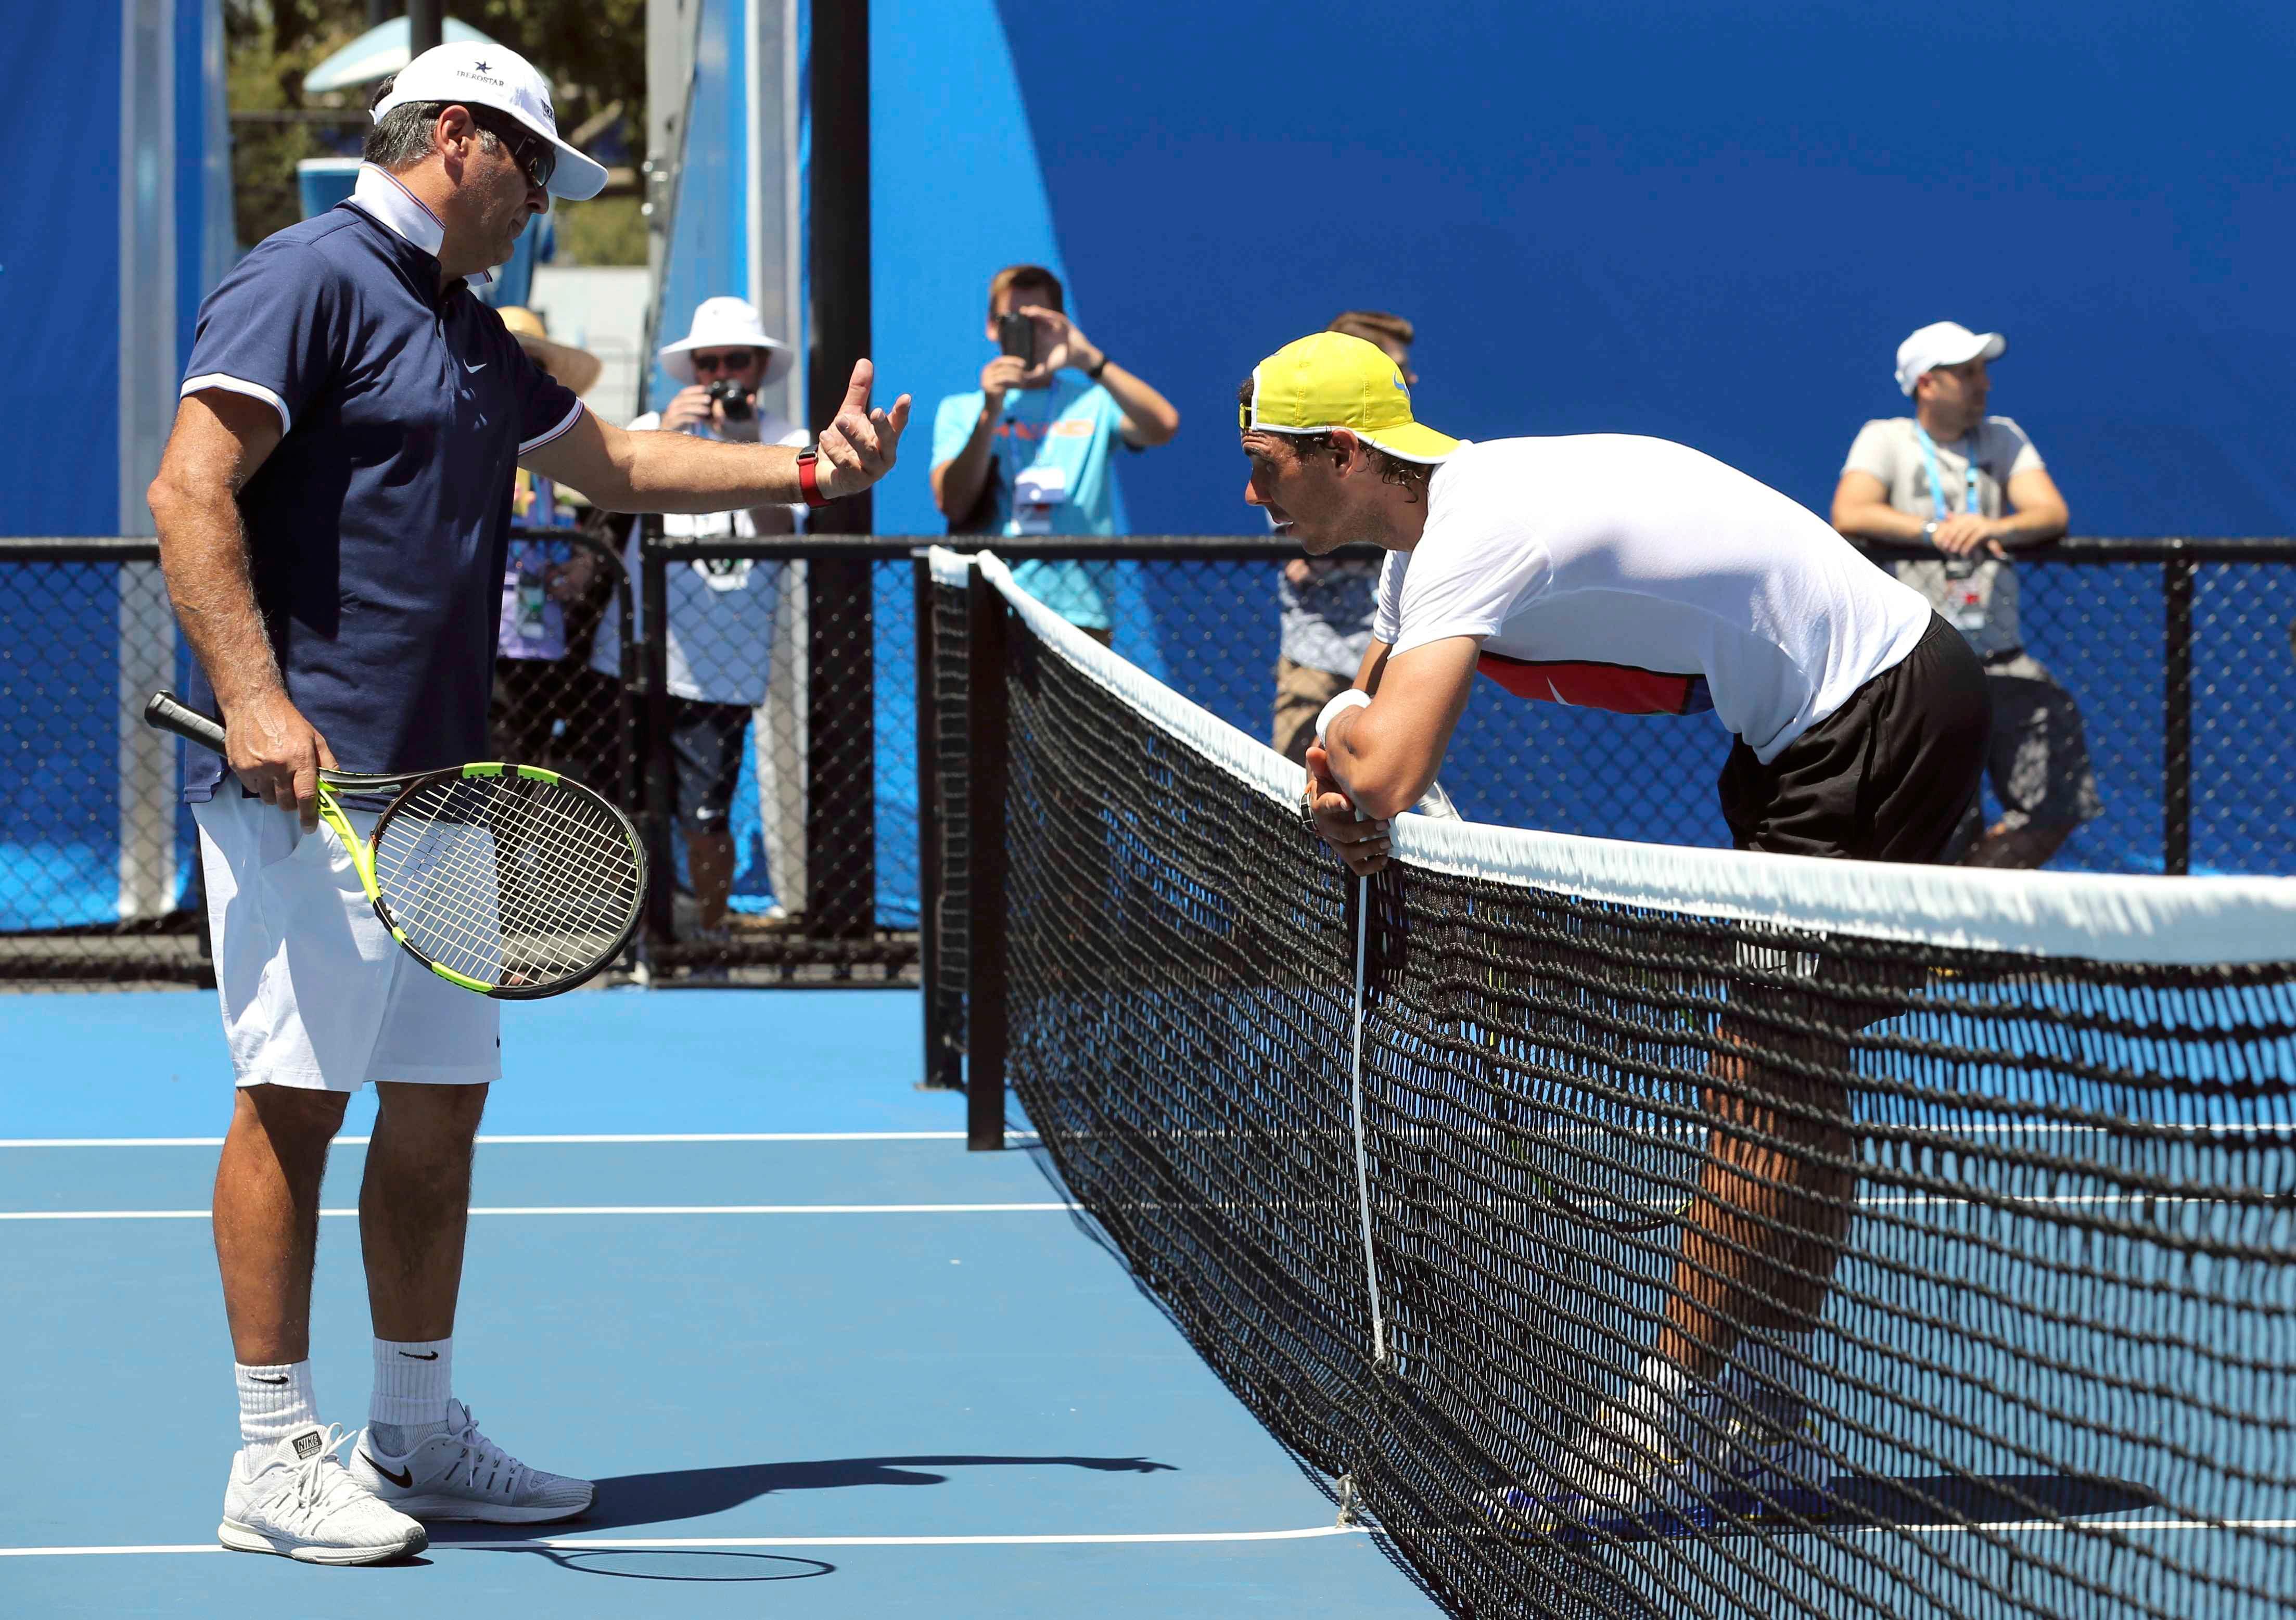 Rafael Nadal Toni Nadal Tennis Rafael Nadal Toni Nadal